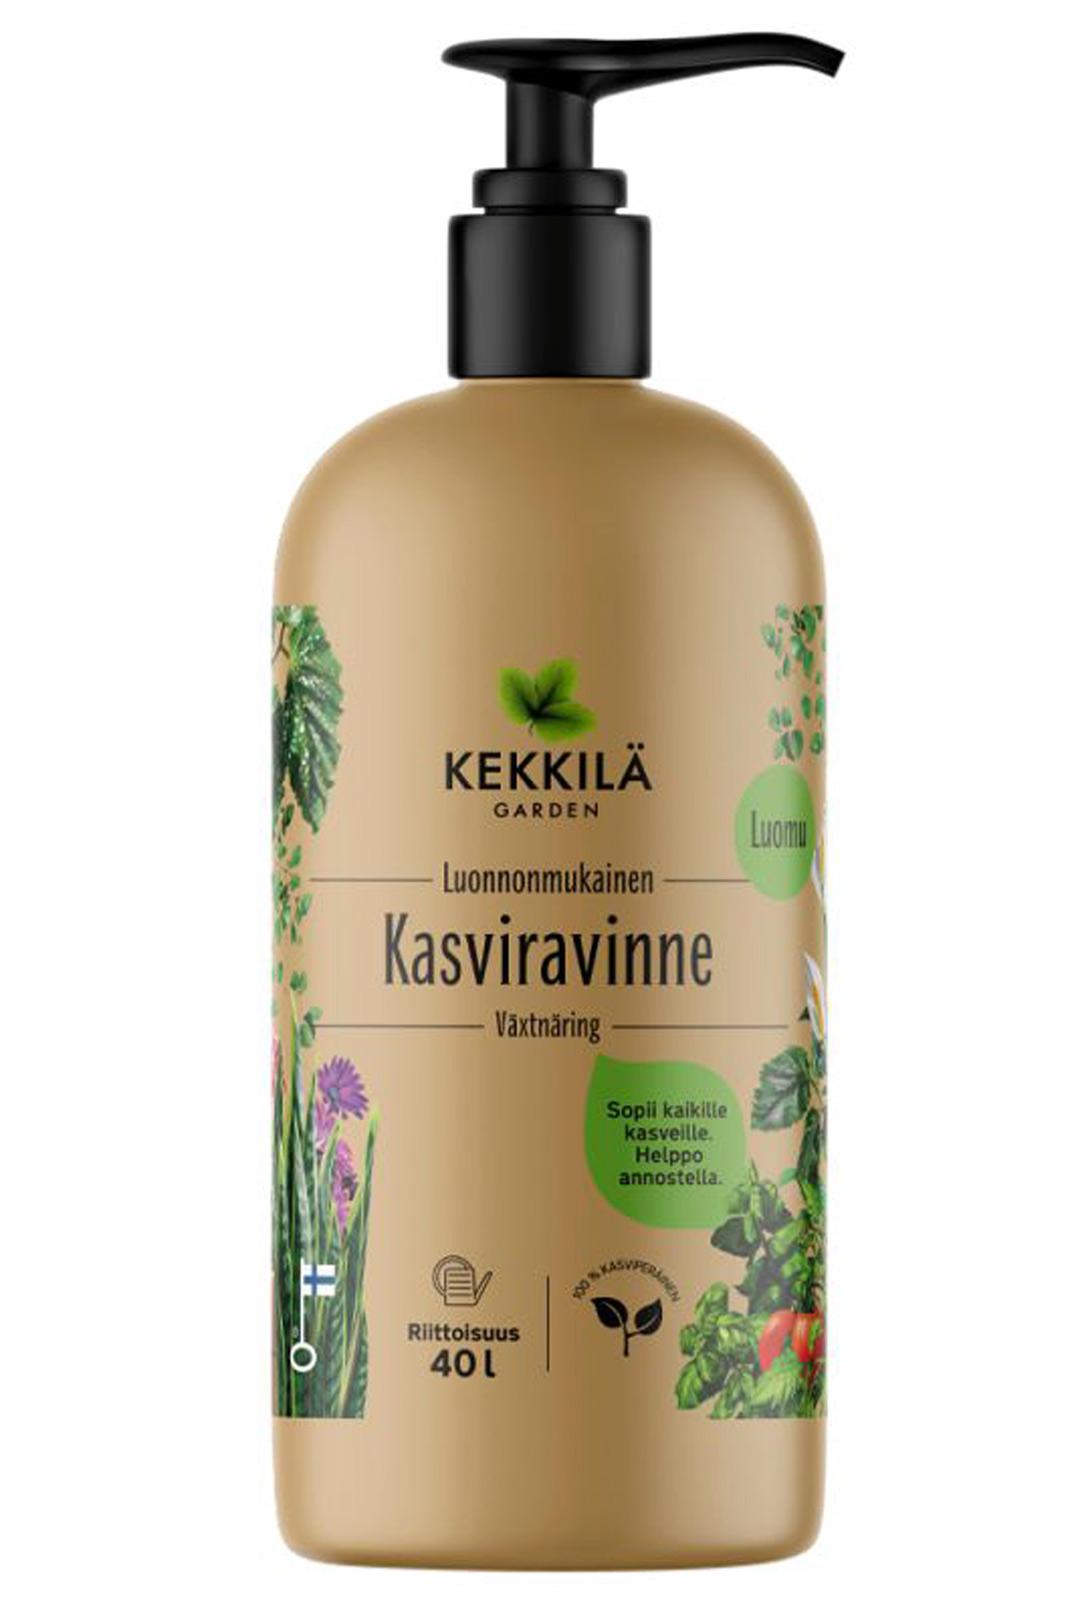 Luonnonmukainen ja täysin kasviperäinen Kekkilän kasviravinne sopii kaikille kasveille. Helppo annostella pumppupullosta kasteluveteen. 400 ml 14,95 e.